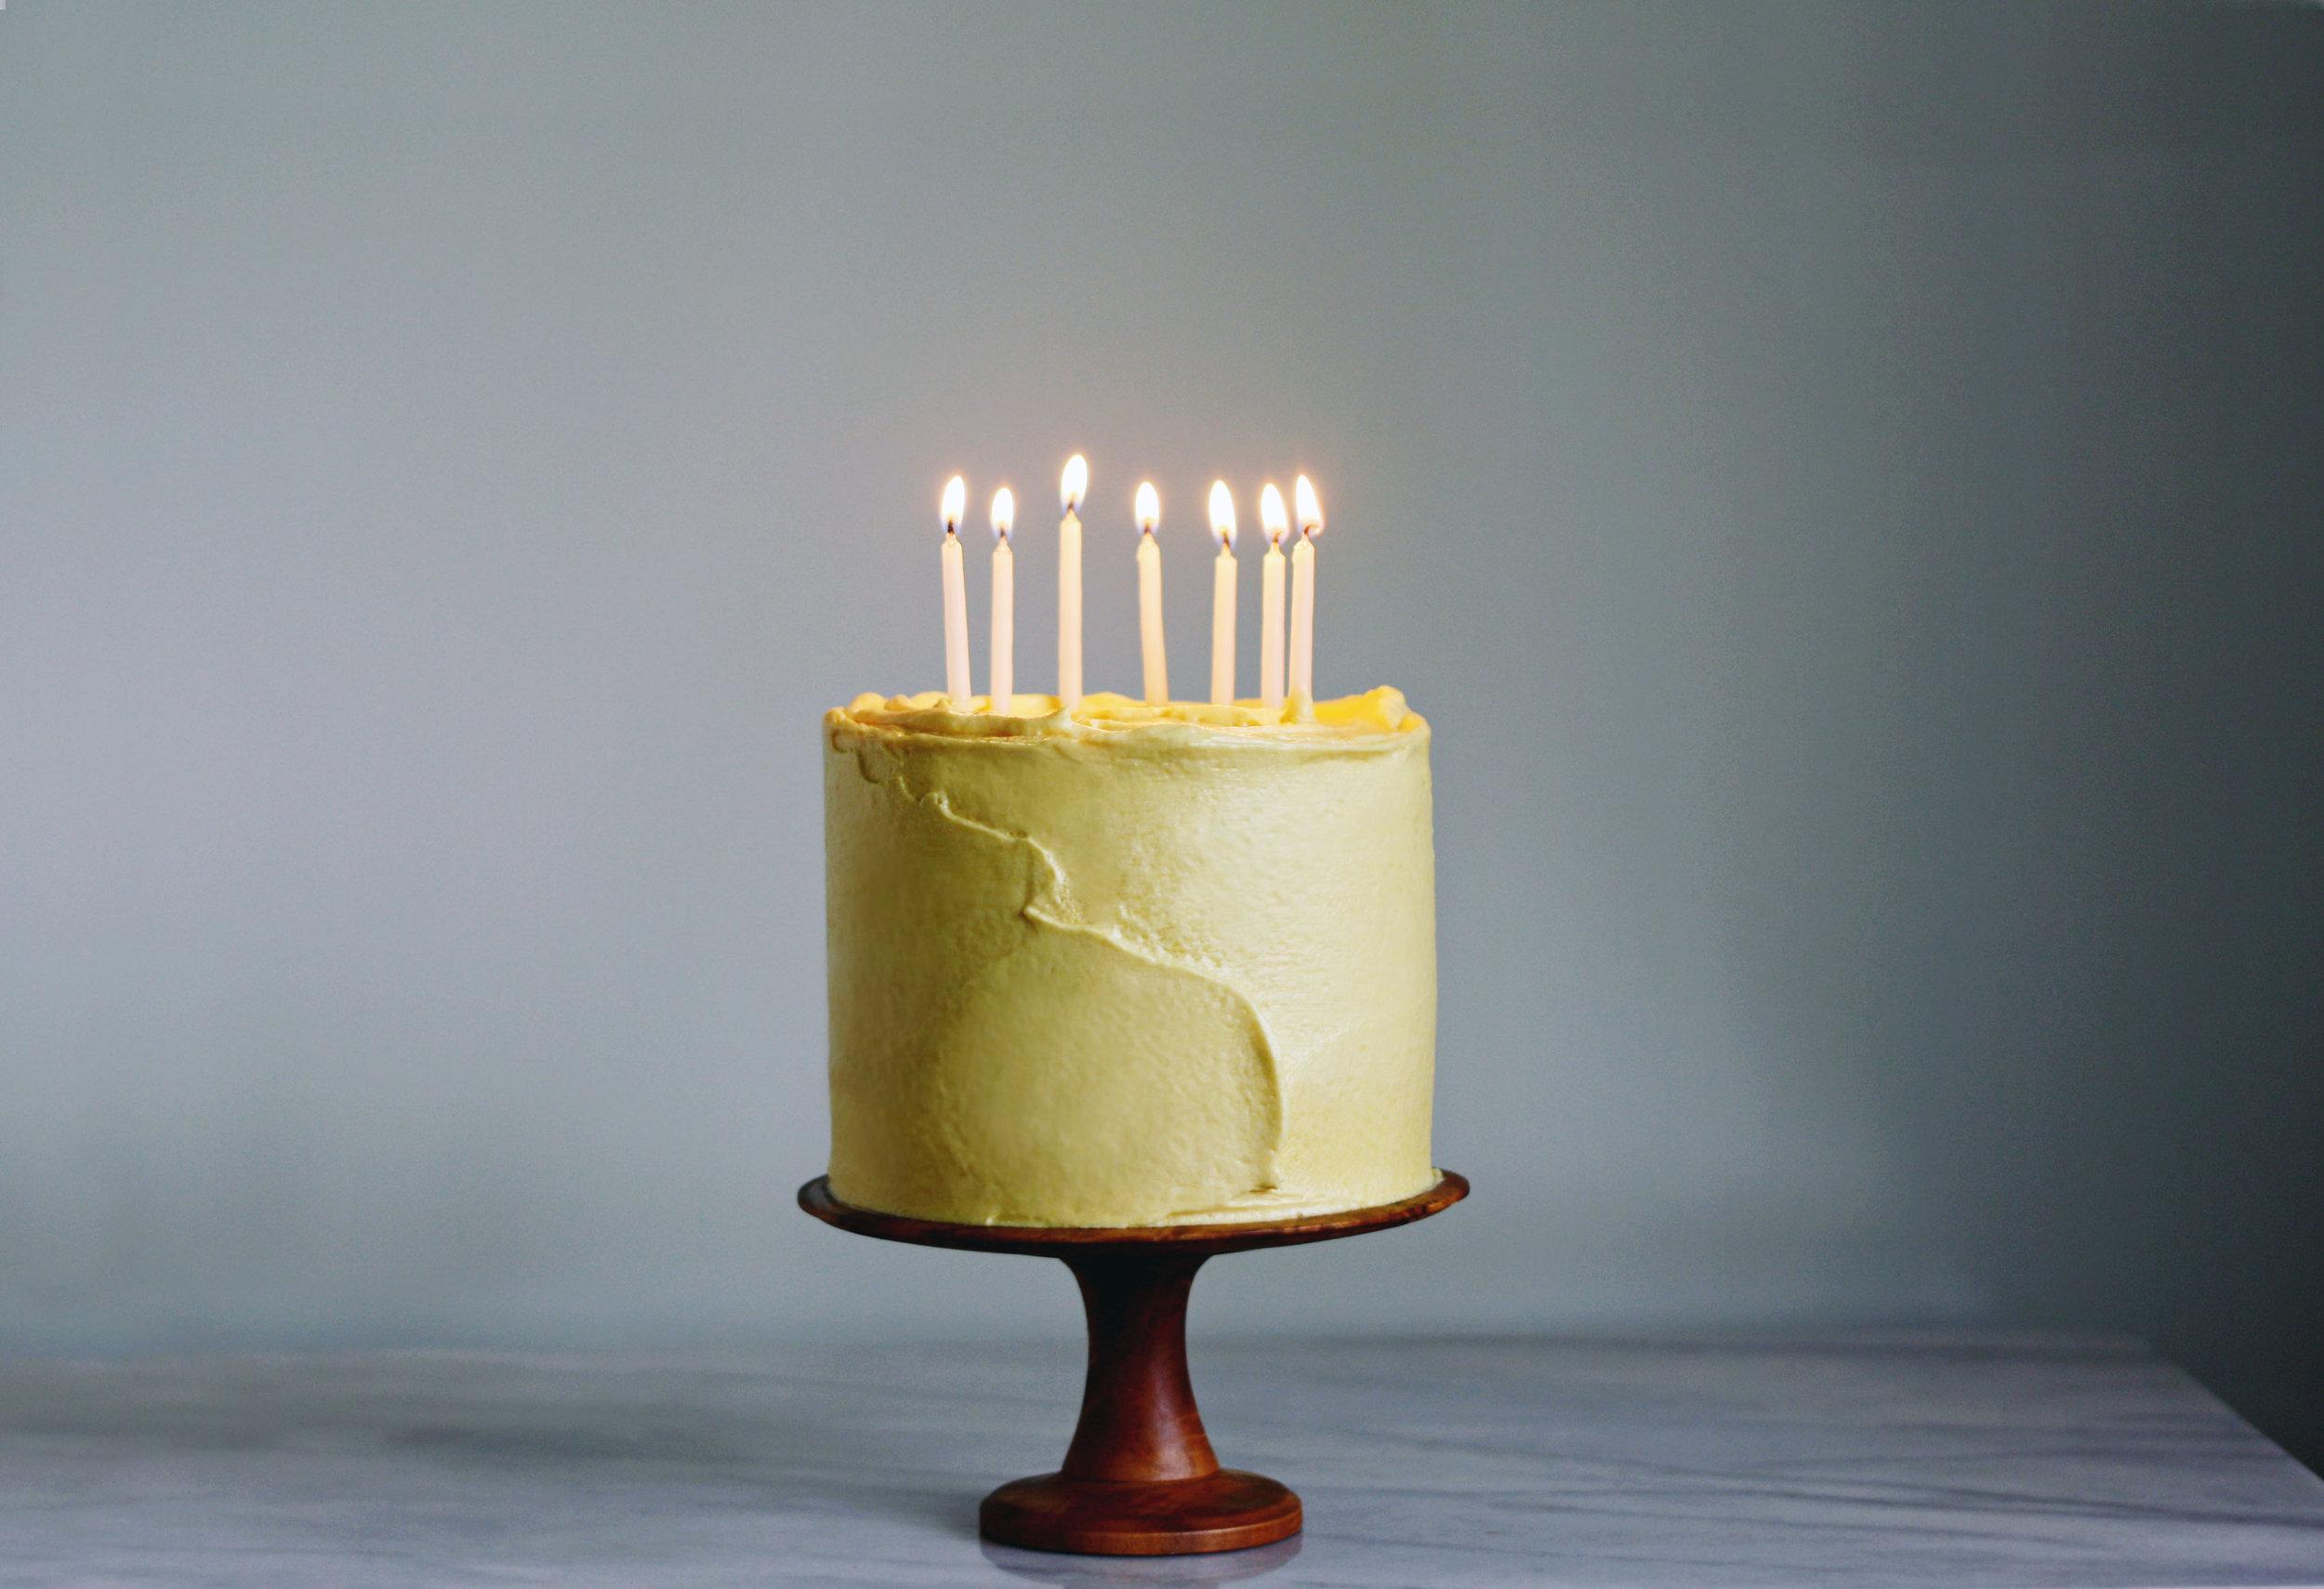 HAZELNUT + STRAWBERRY CELEBRATION CAKE | Tara O'Brady